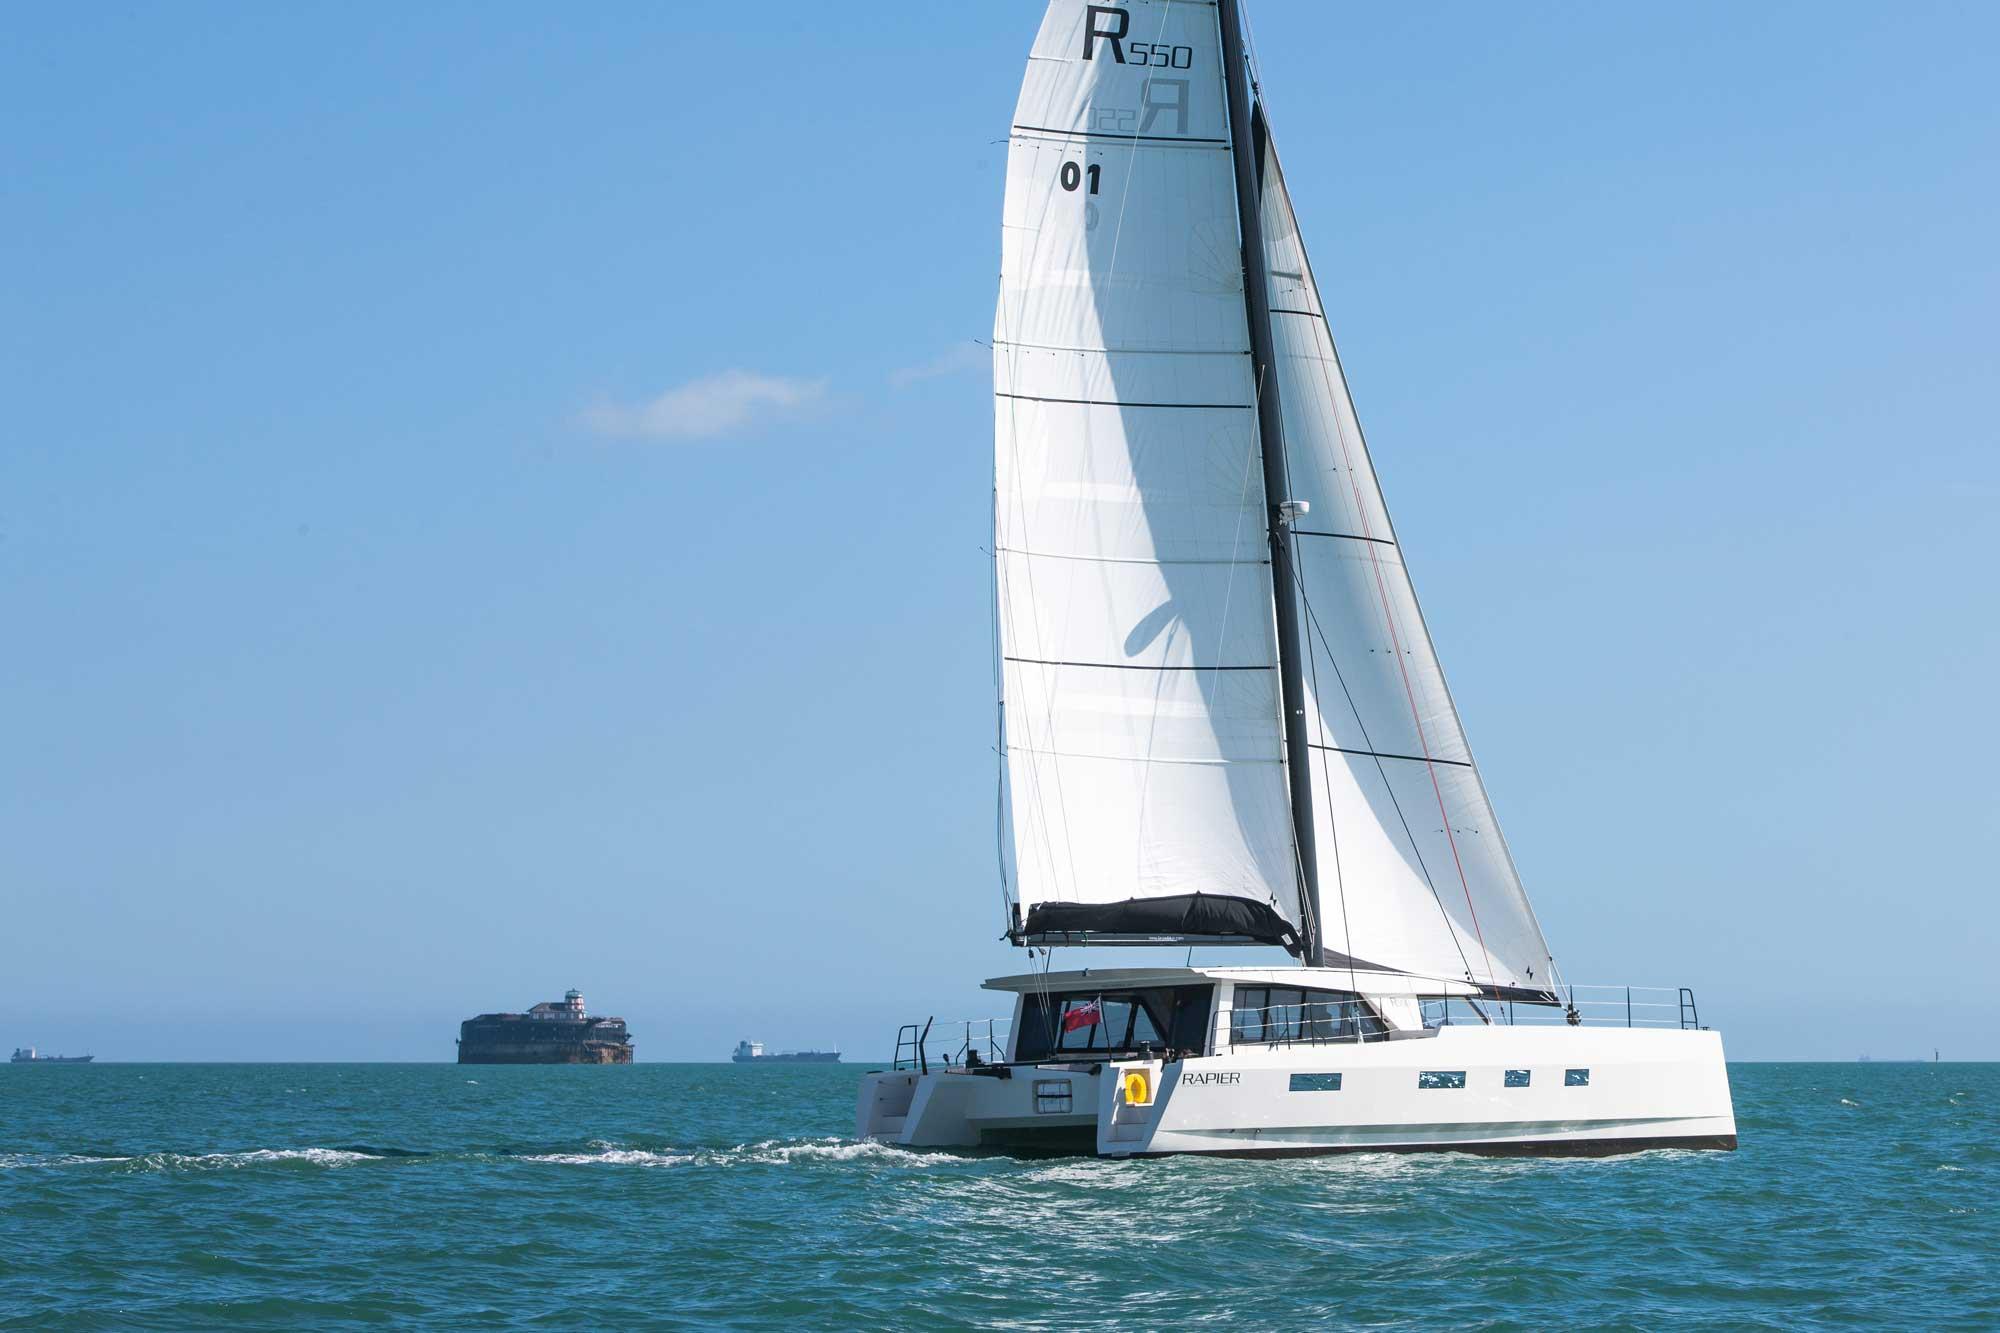 Broadblue Rapier 550 segelt mit Leuchtturm-Insel im Hintergrund